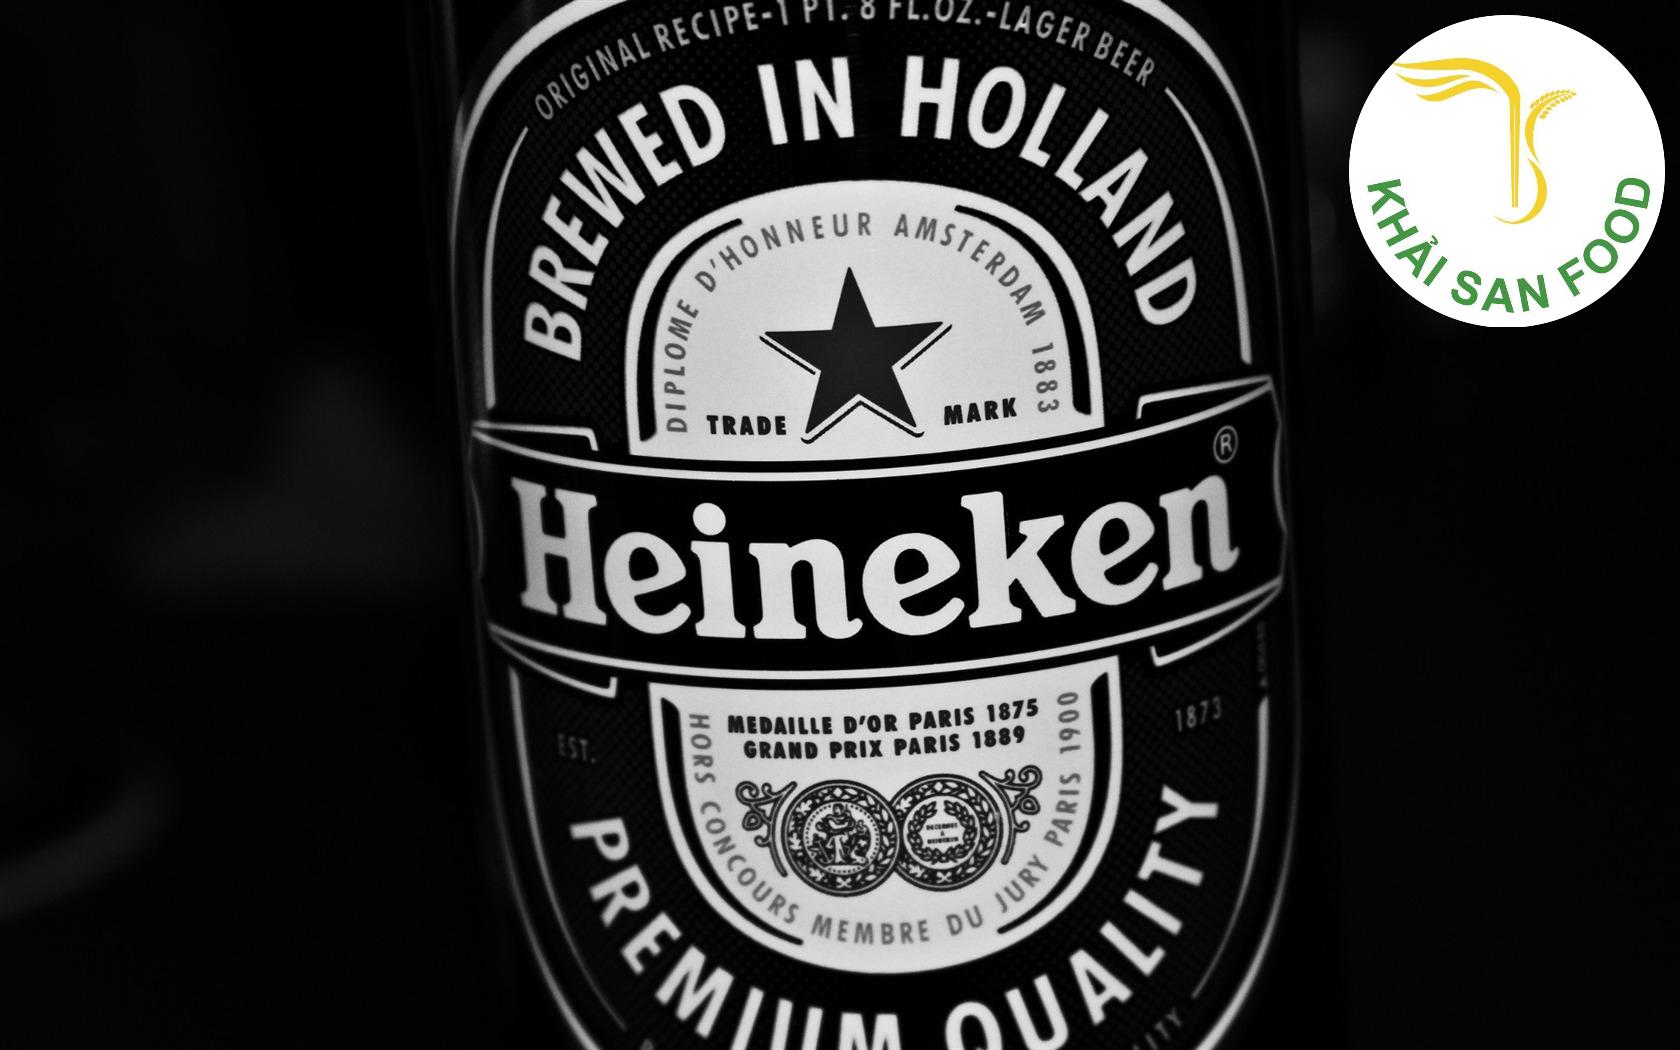 Bia Heineken đen là dòng sản phẩm đặc biệt thuộc phân khúc đến từ thị trường Heineken Hà Lan